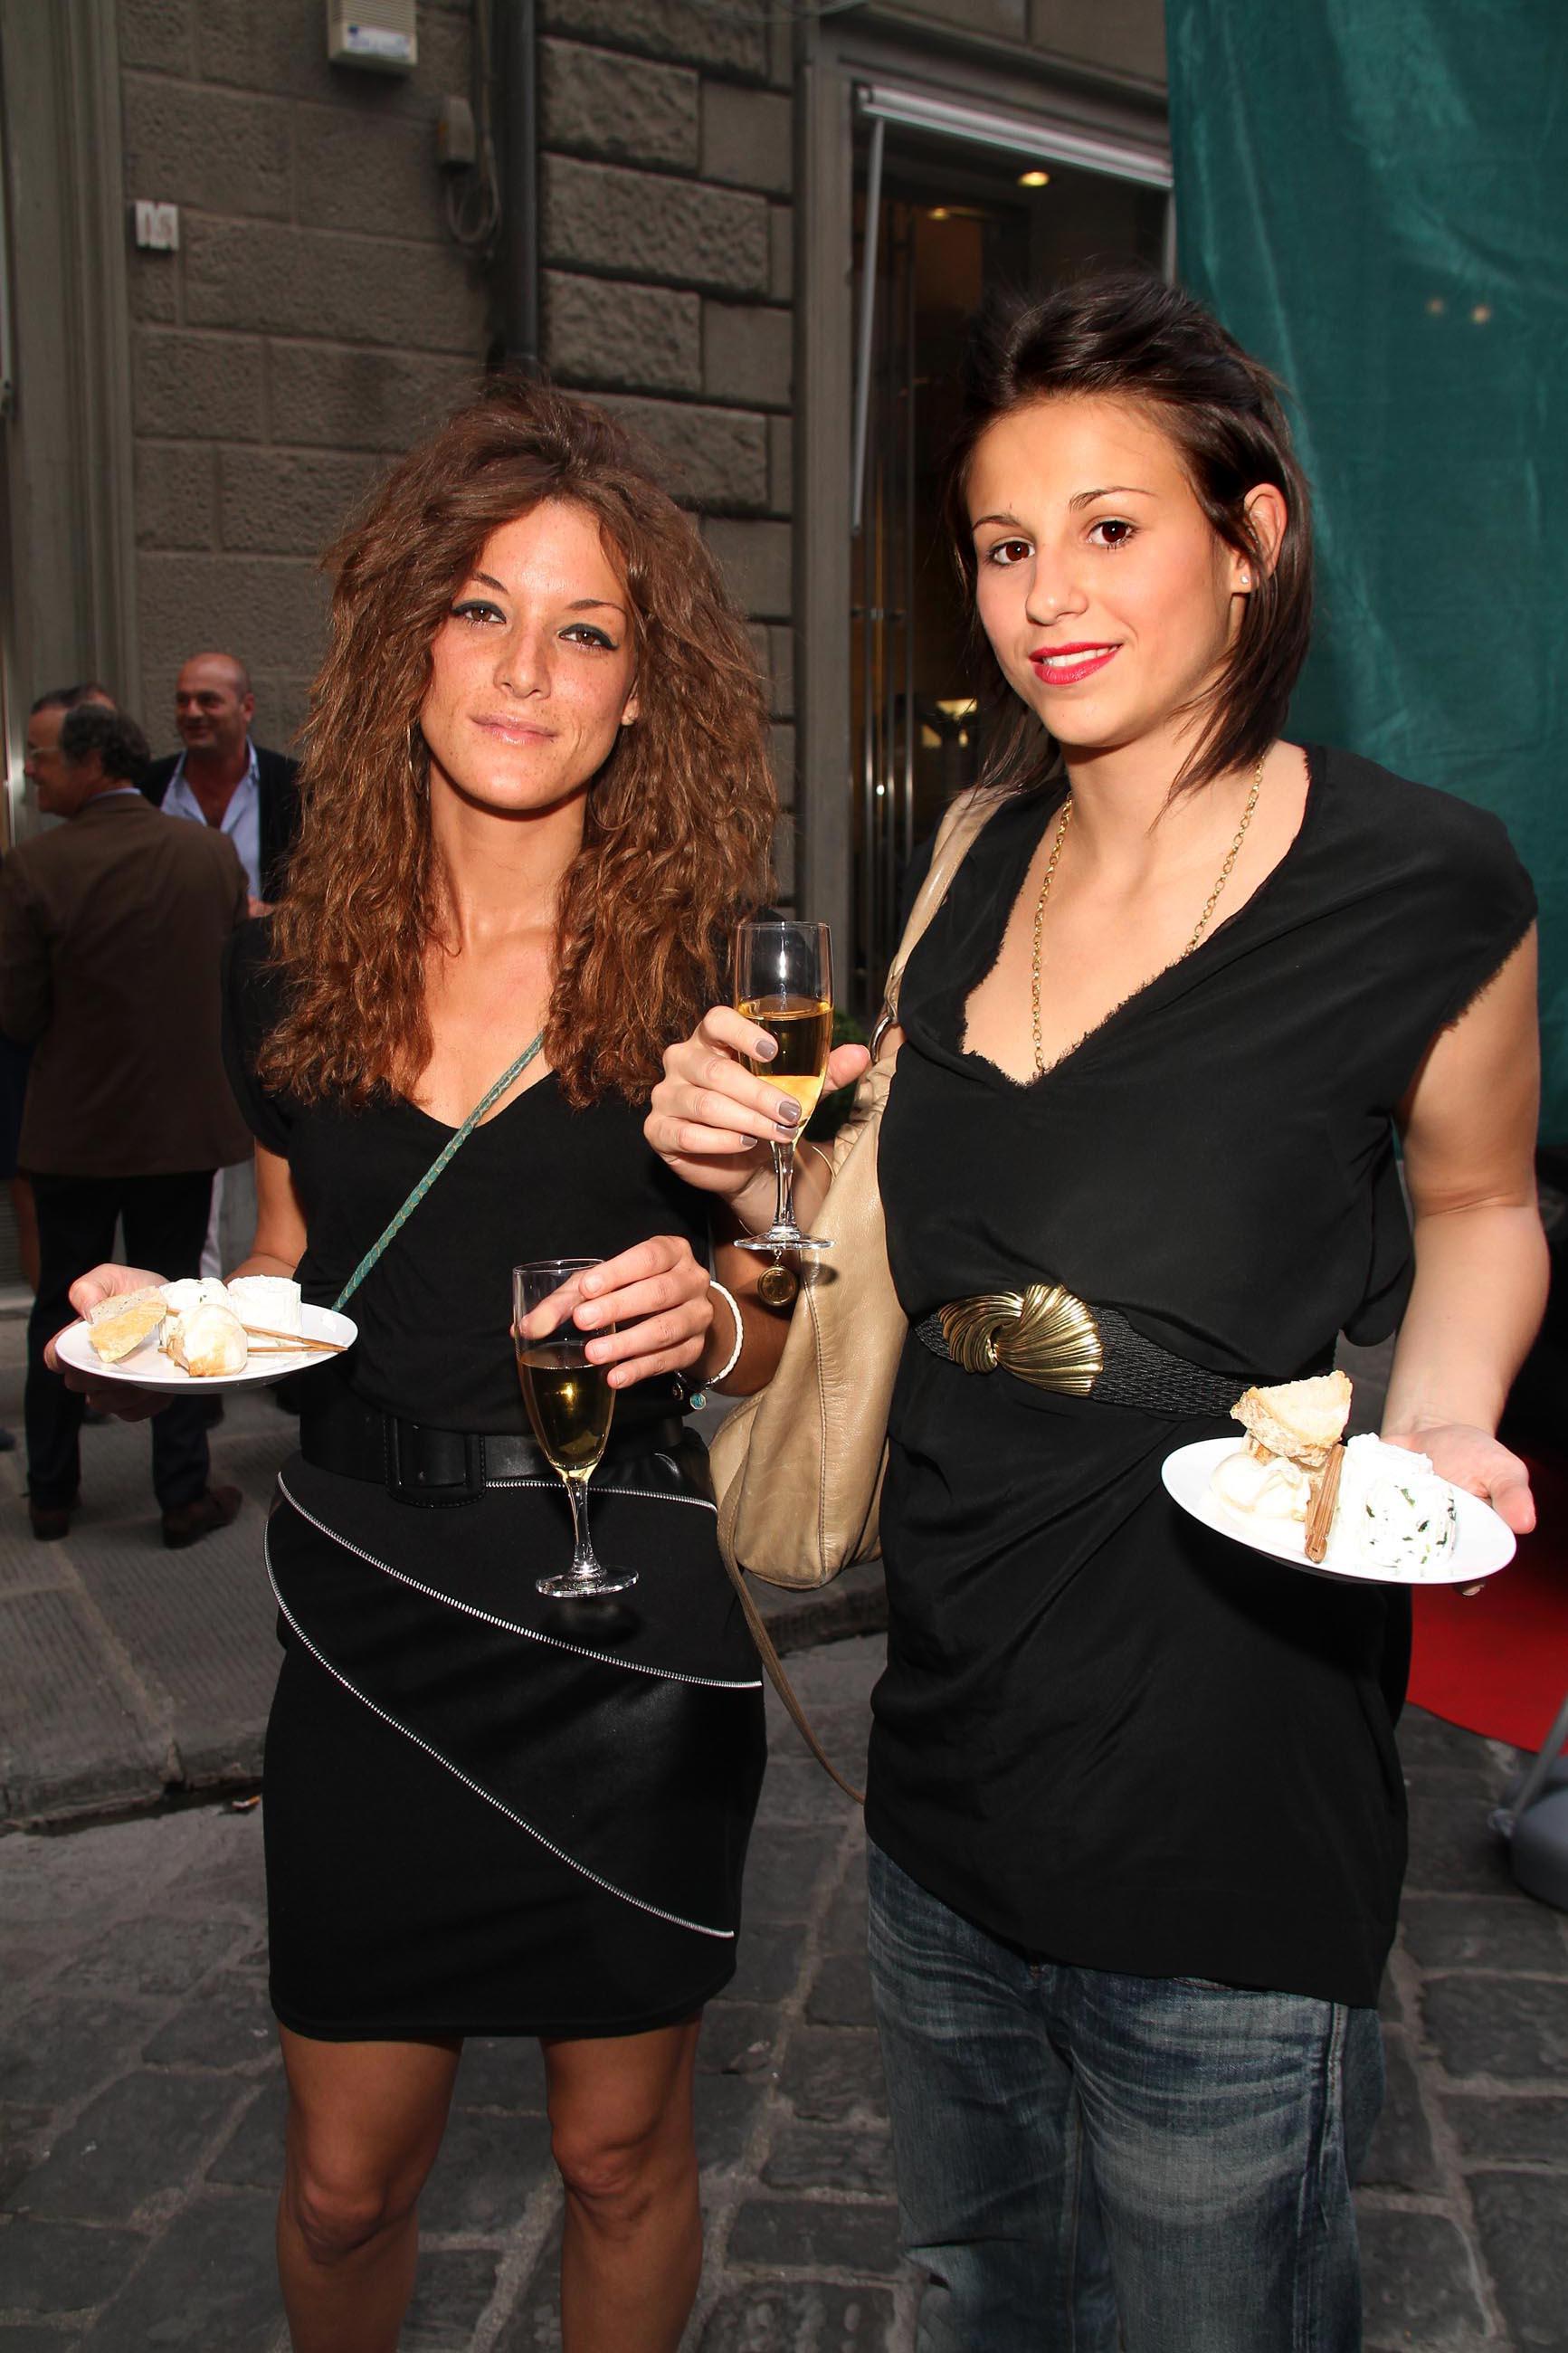 PRESSPHOTO Firenze, Evento Milord Aston Martin. Nella foto Shary Taddei e Benedetta Berdondini